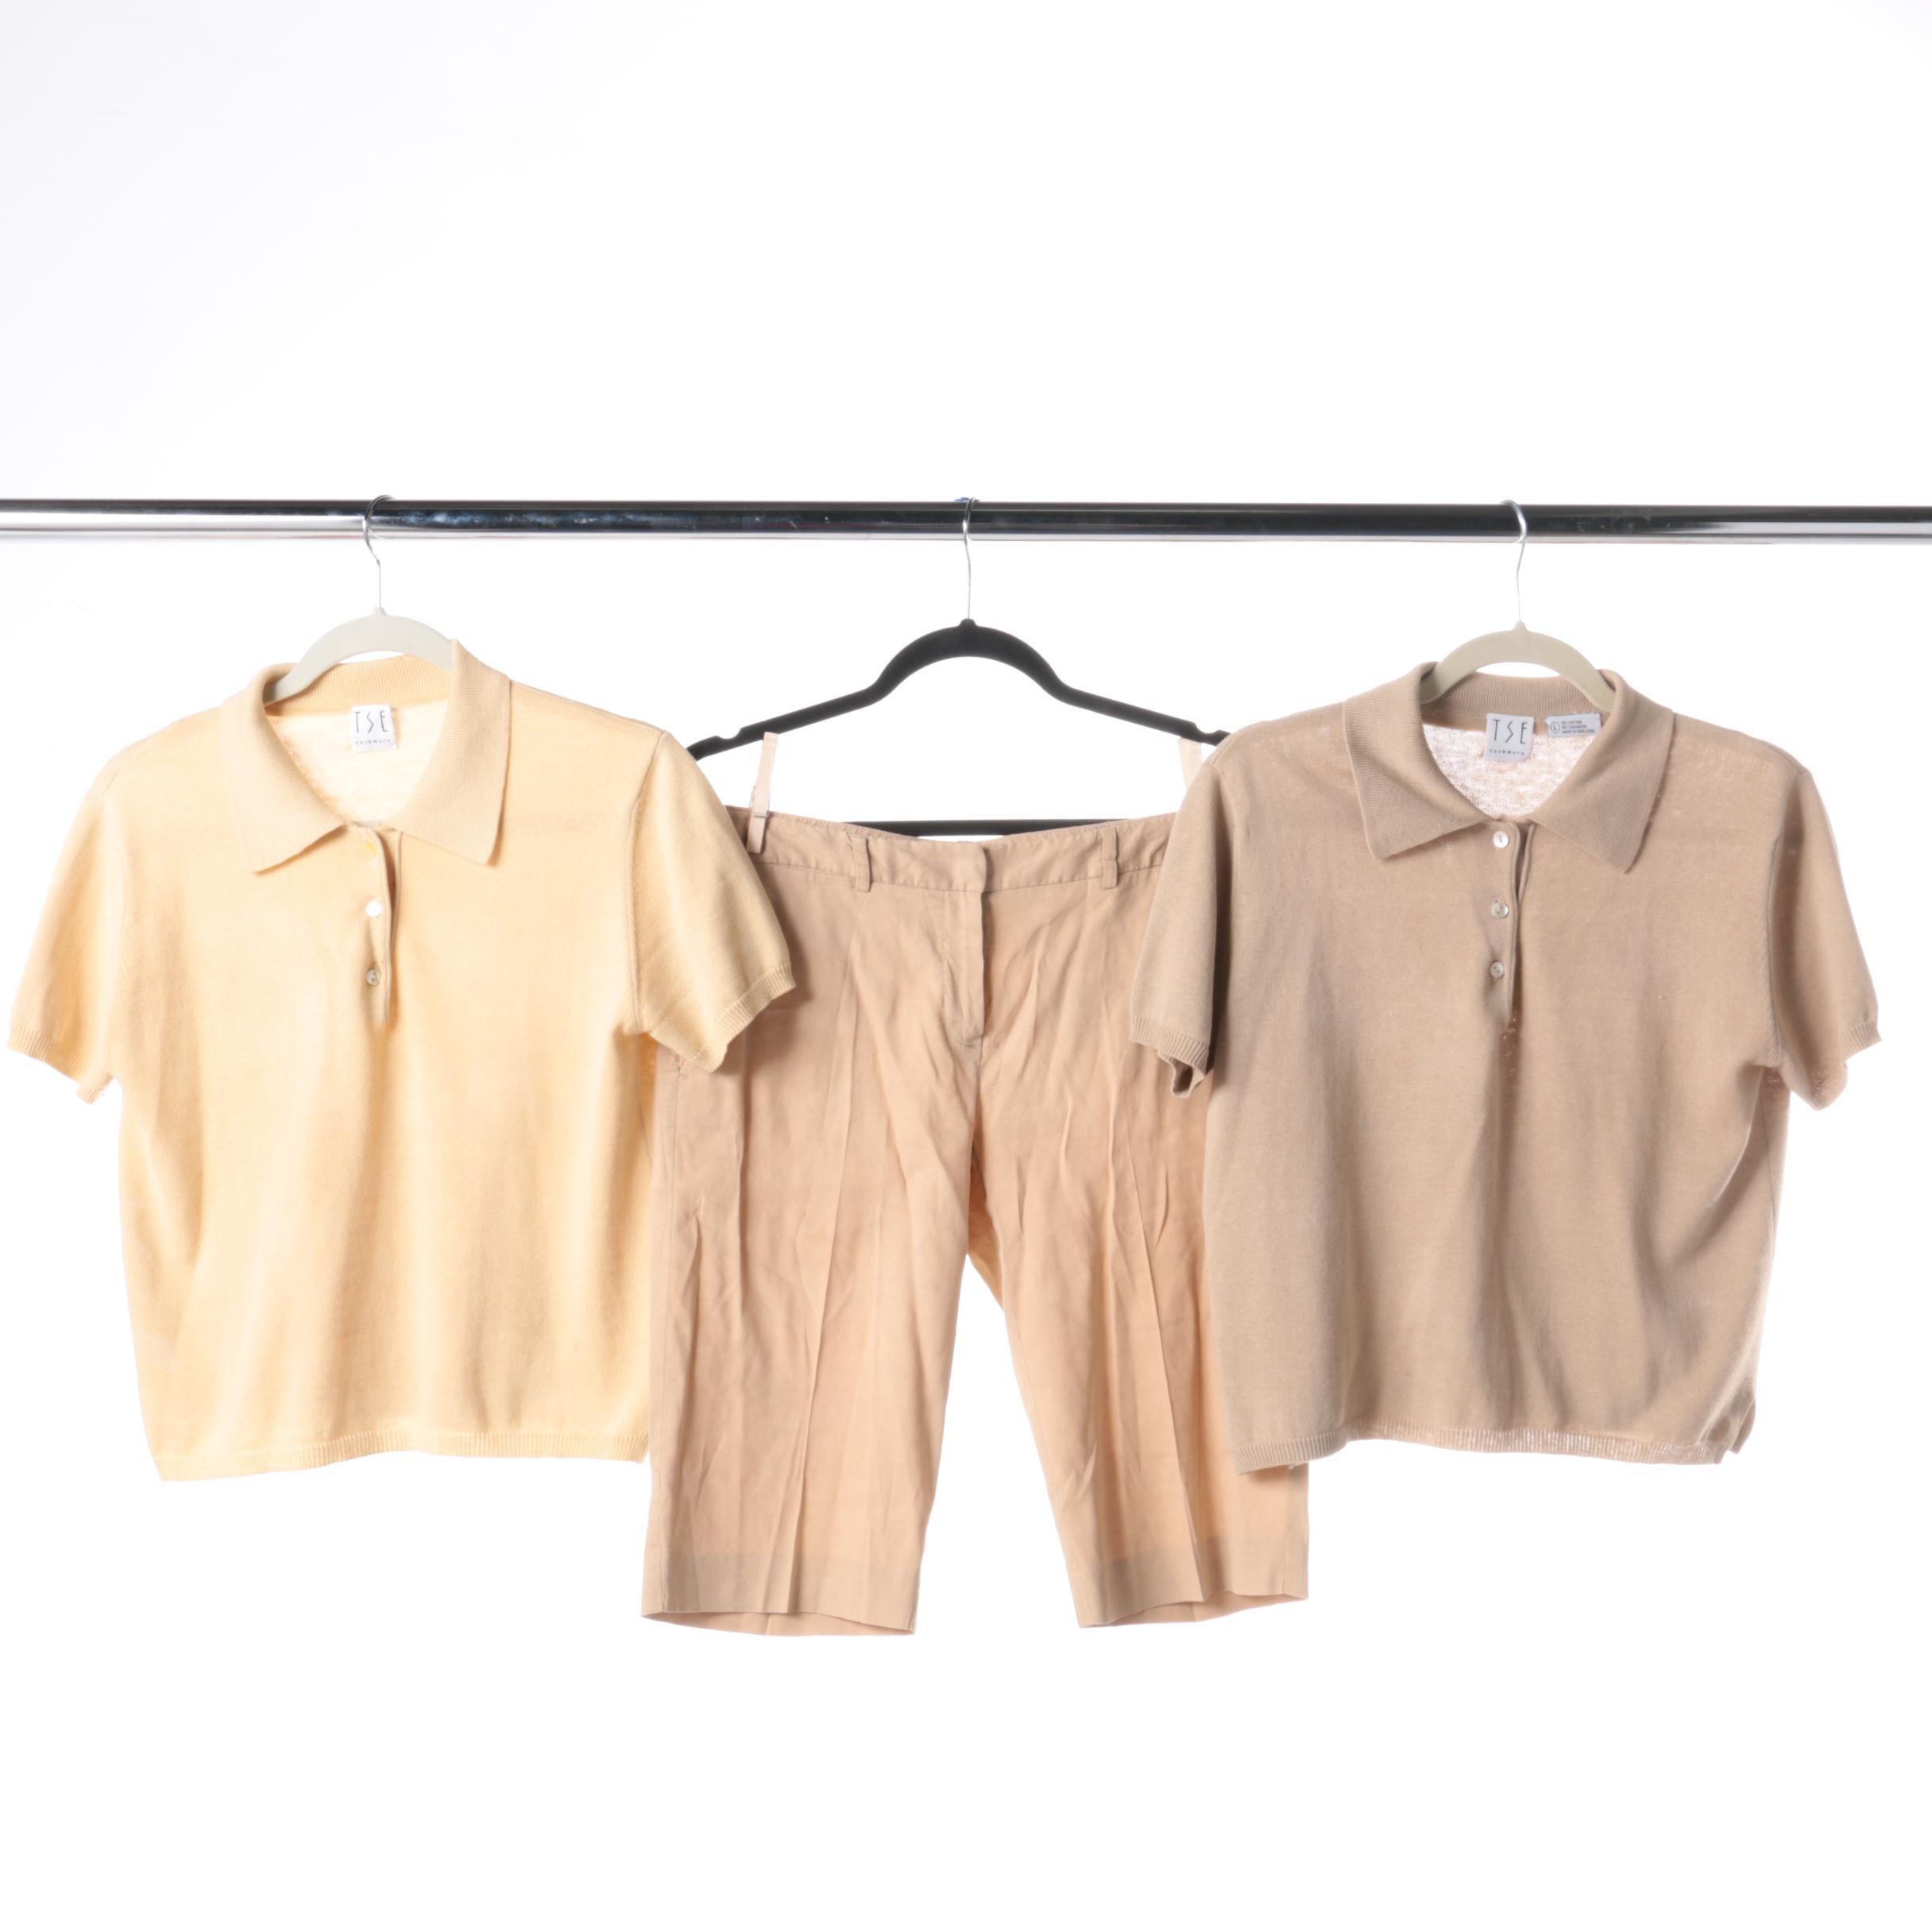 Women's Tan Clothing